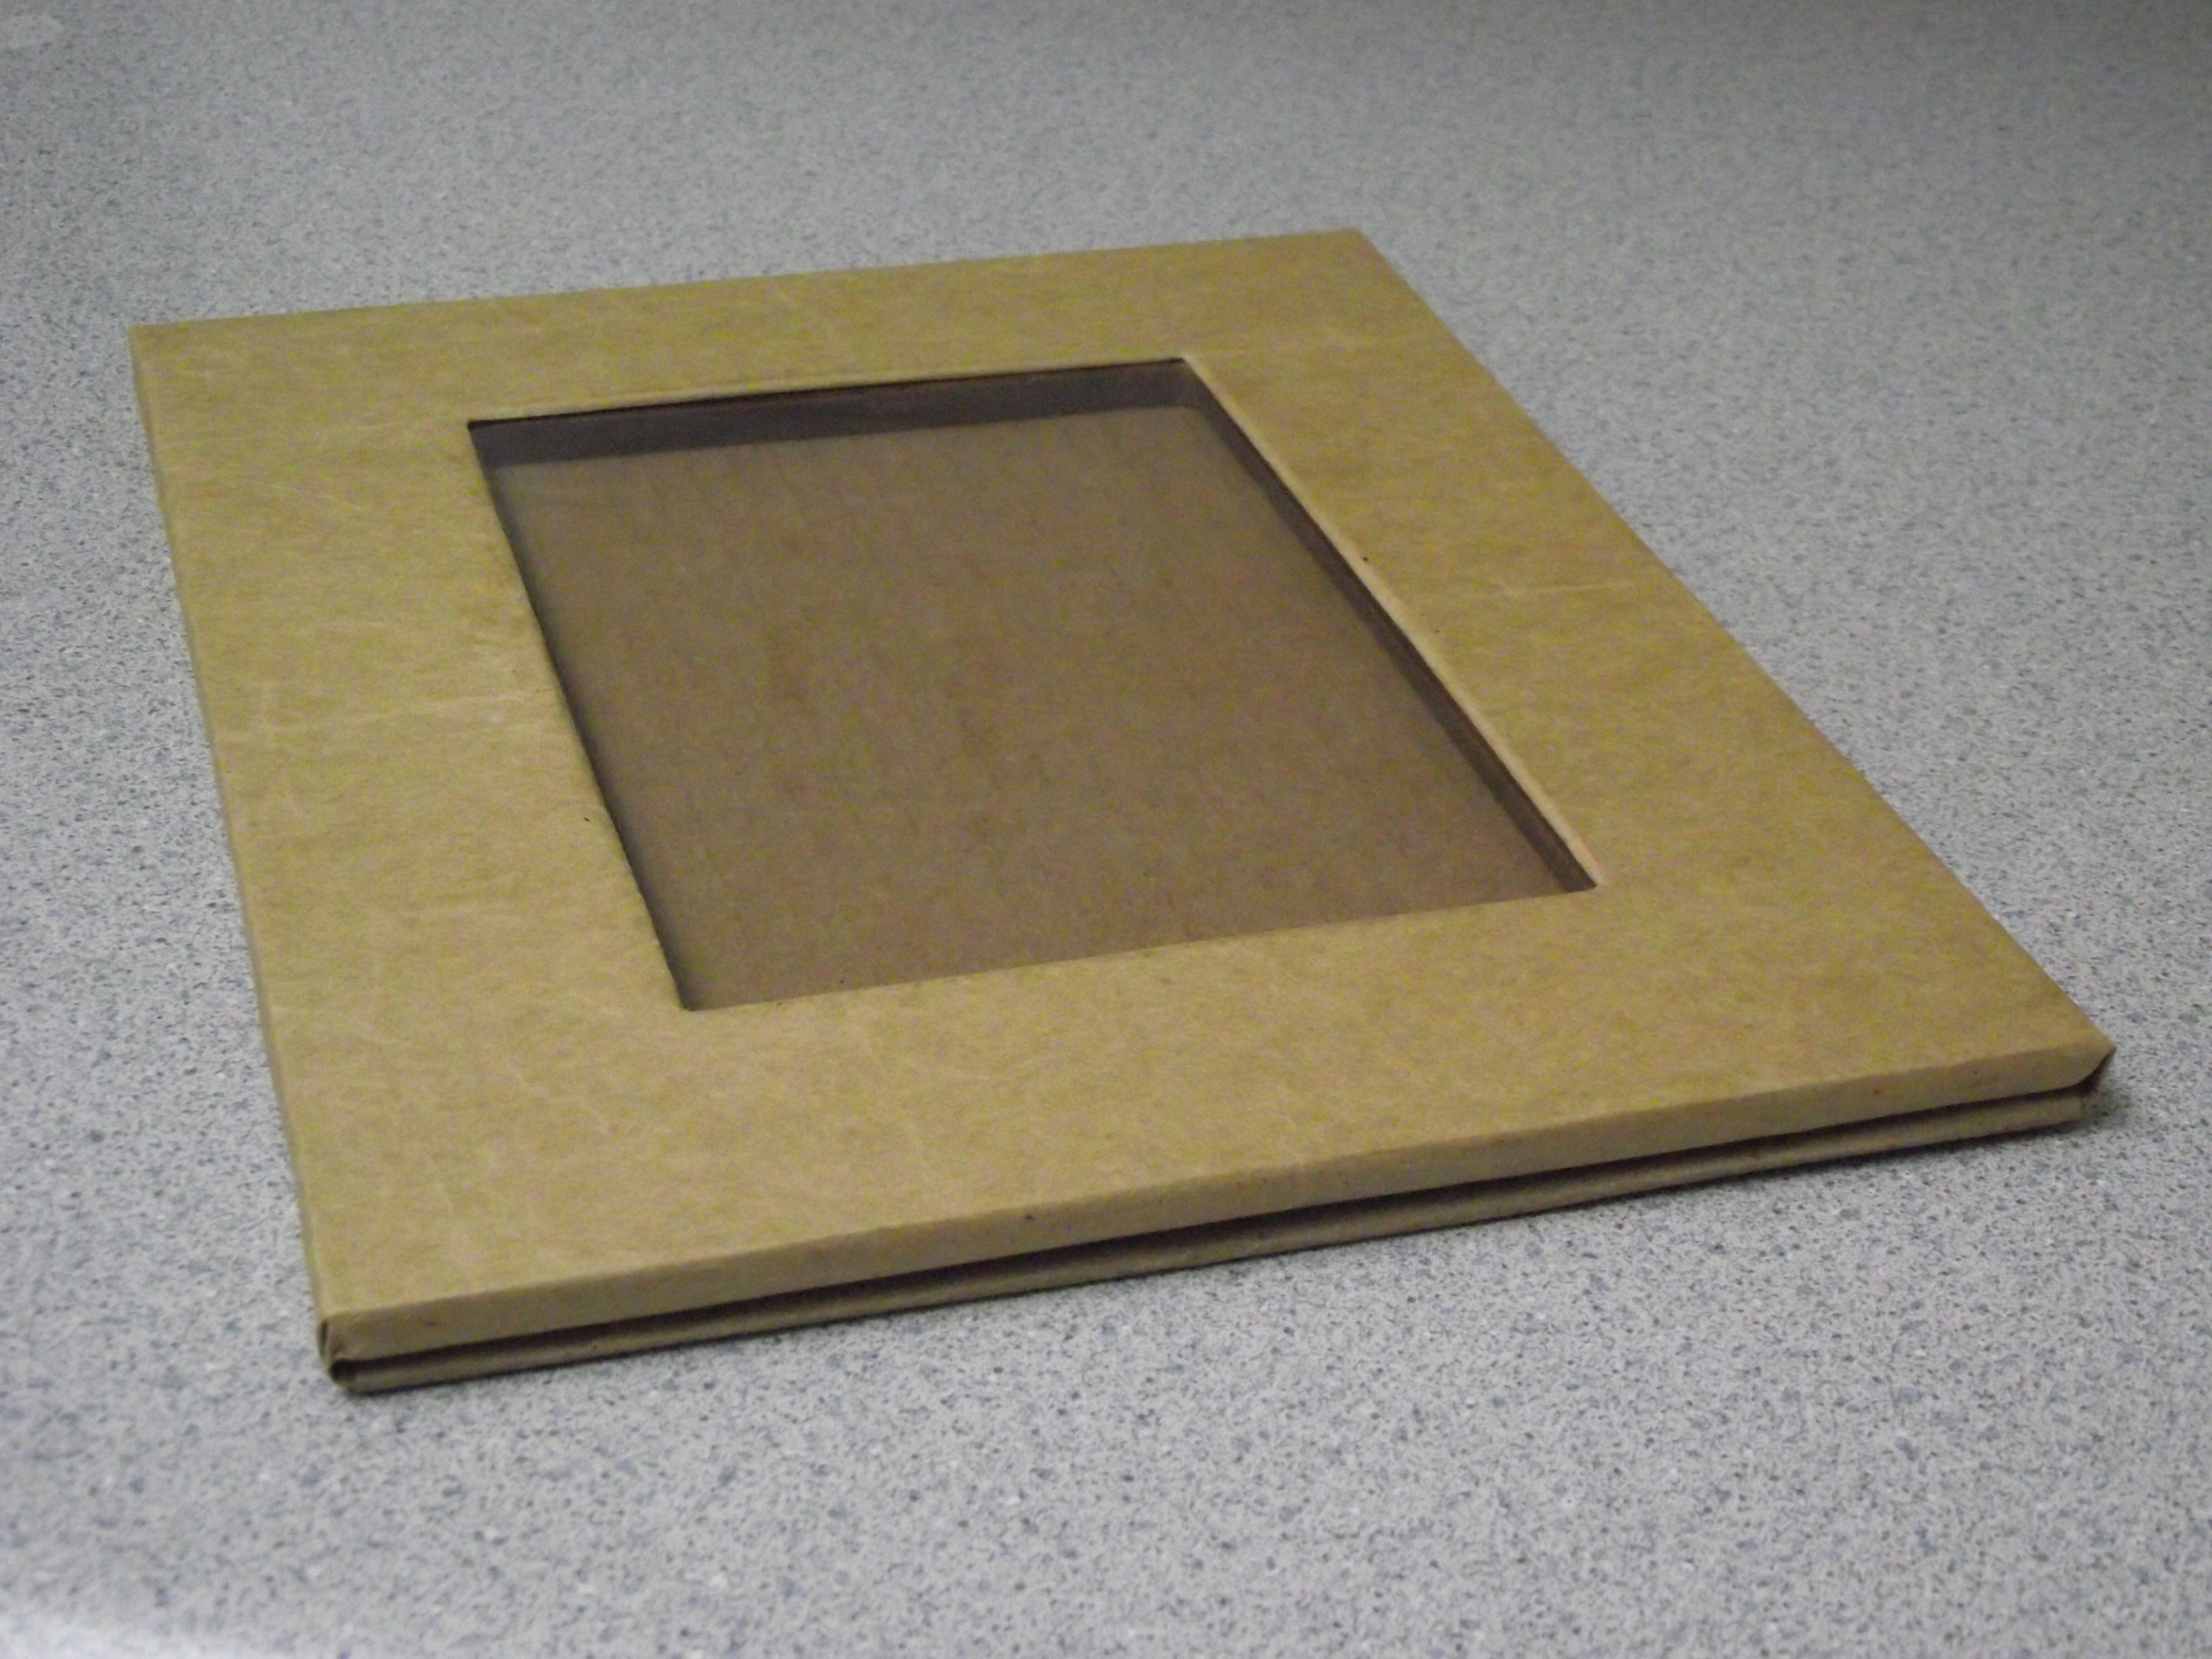 CARDBOARD PICTURE FRAMES | Cartón, Marcos y Cajas